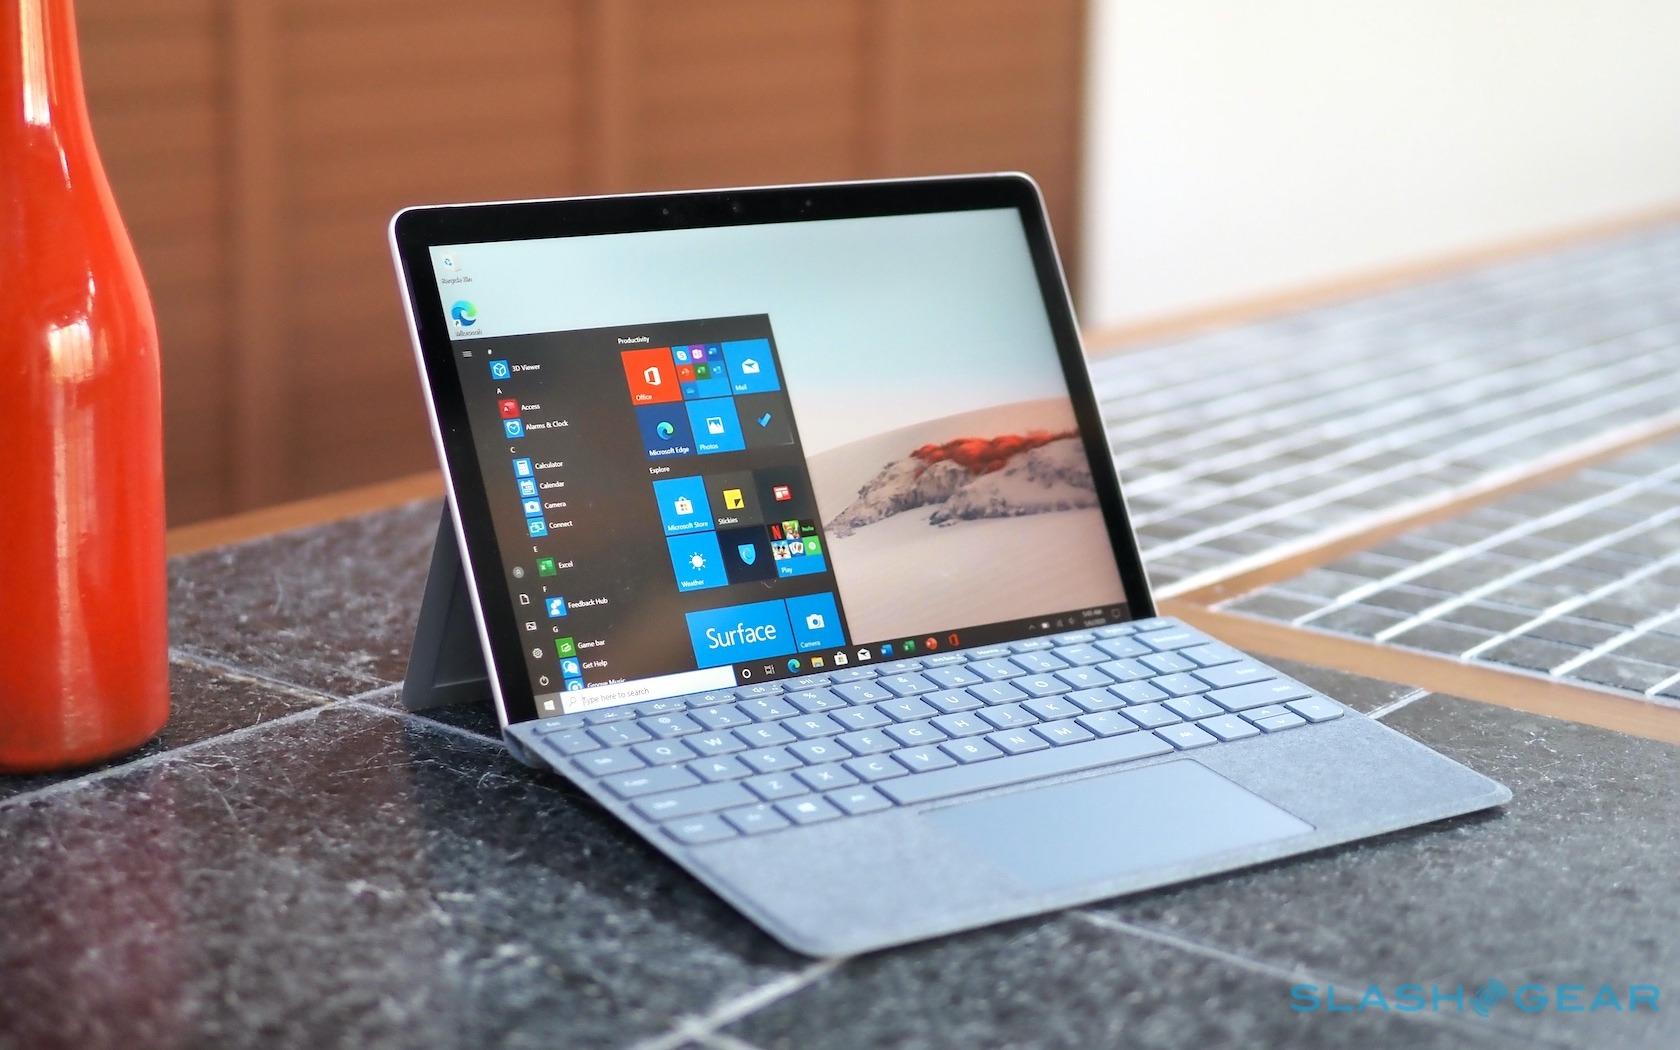 Novi Surface Go 2 je trenutno najboljši cenovno ugoden tablični računalnik oziroma prenosnik 2-v-1.